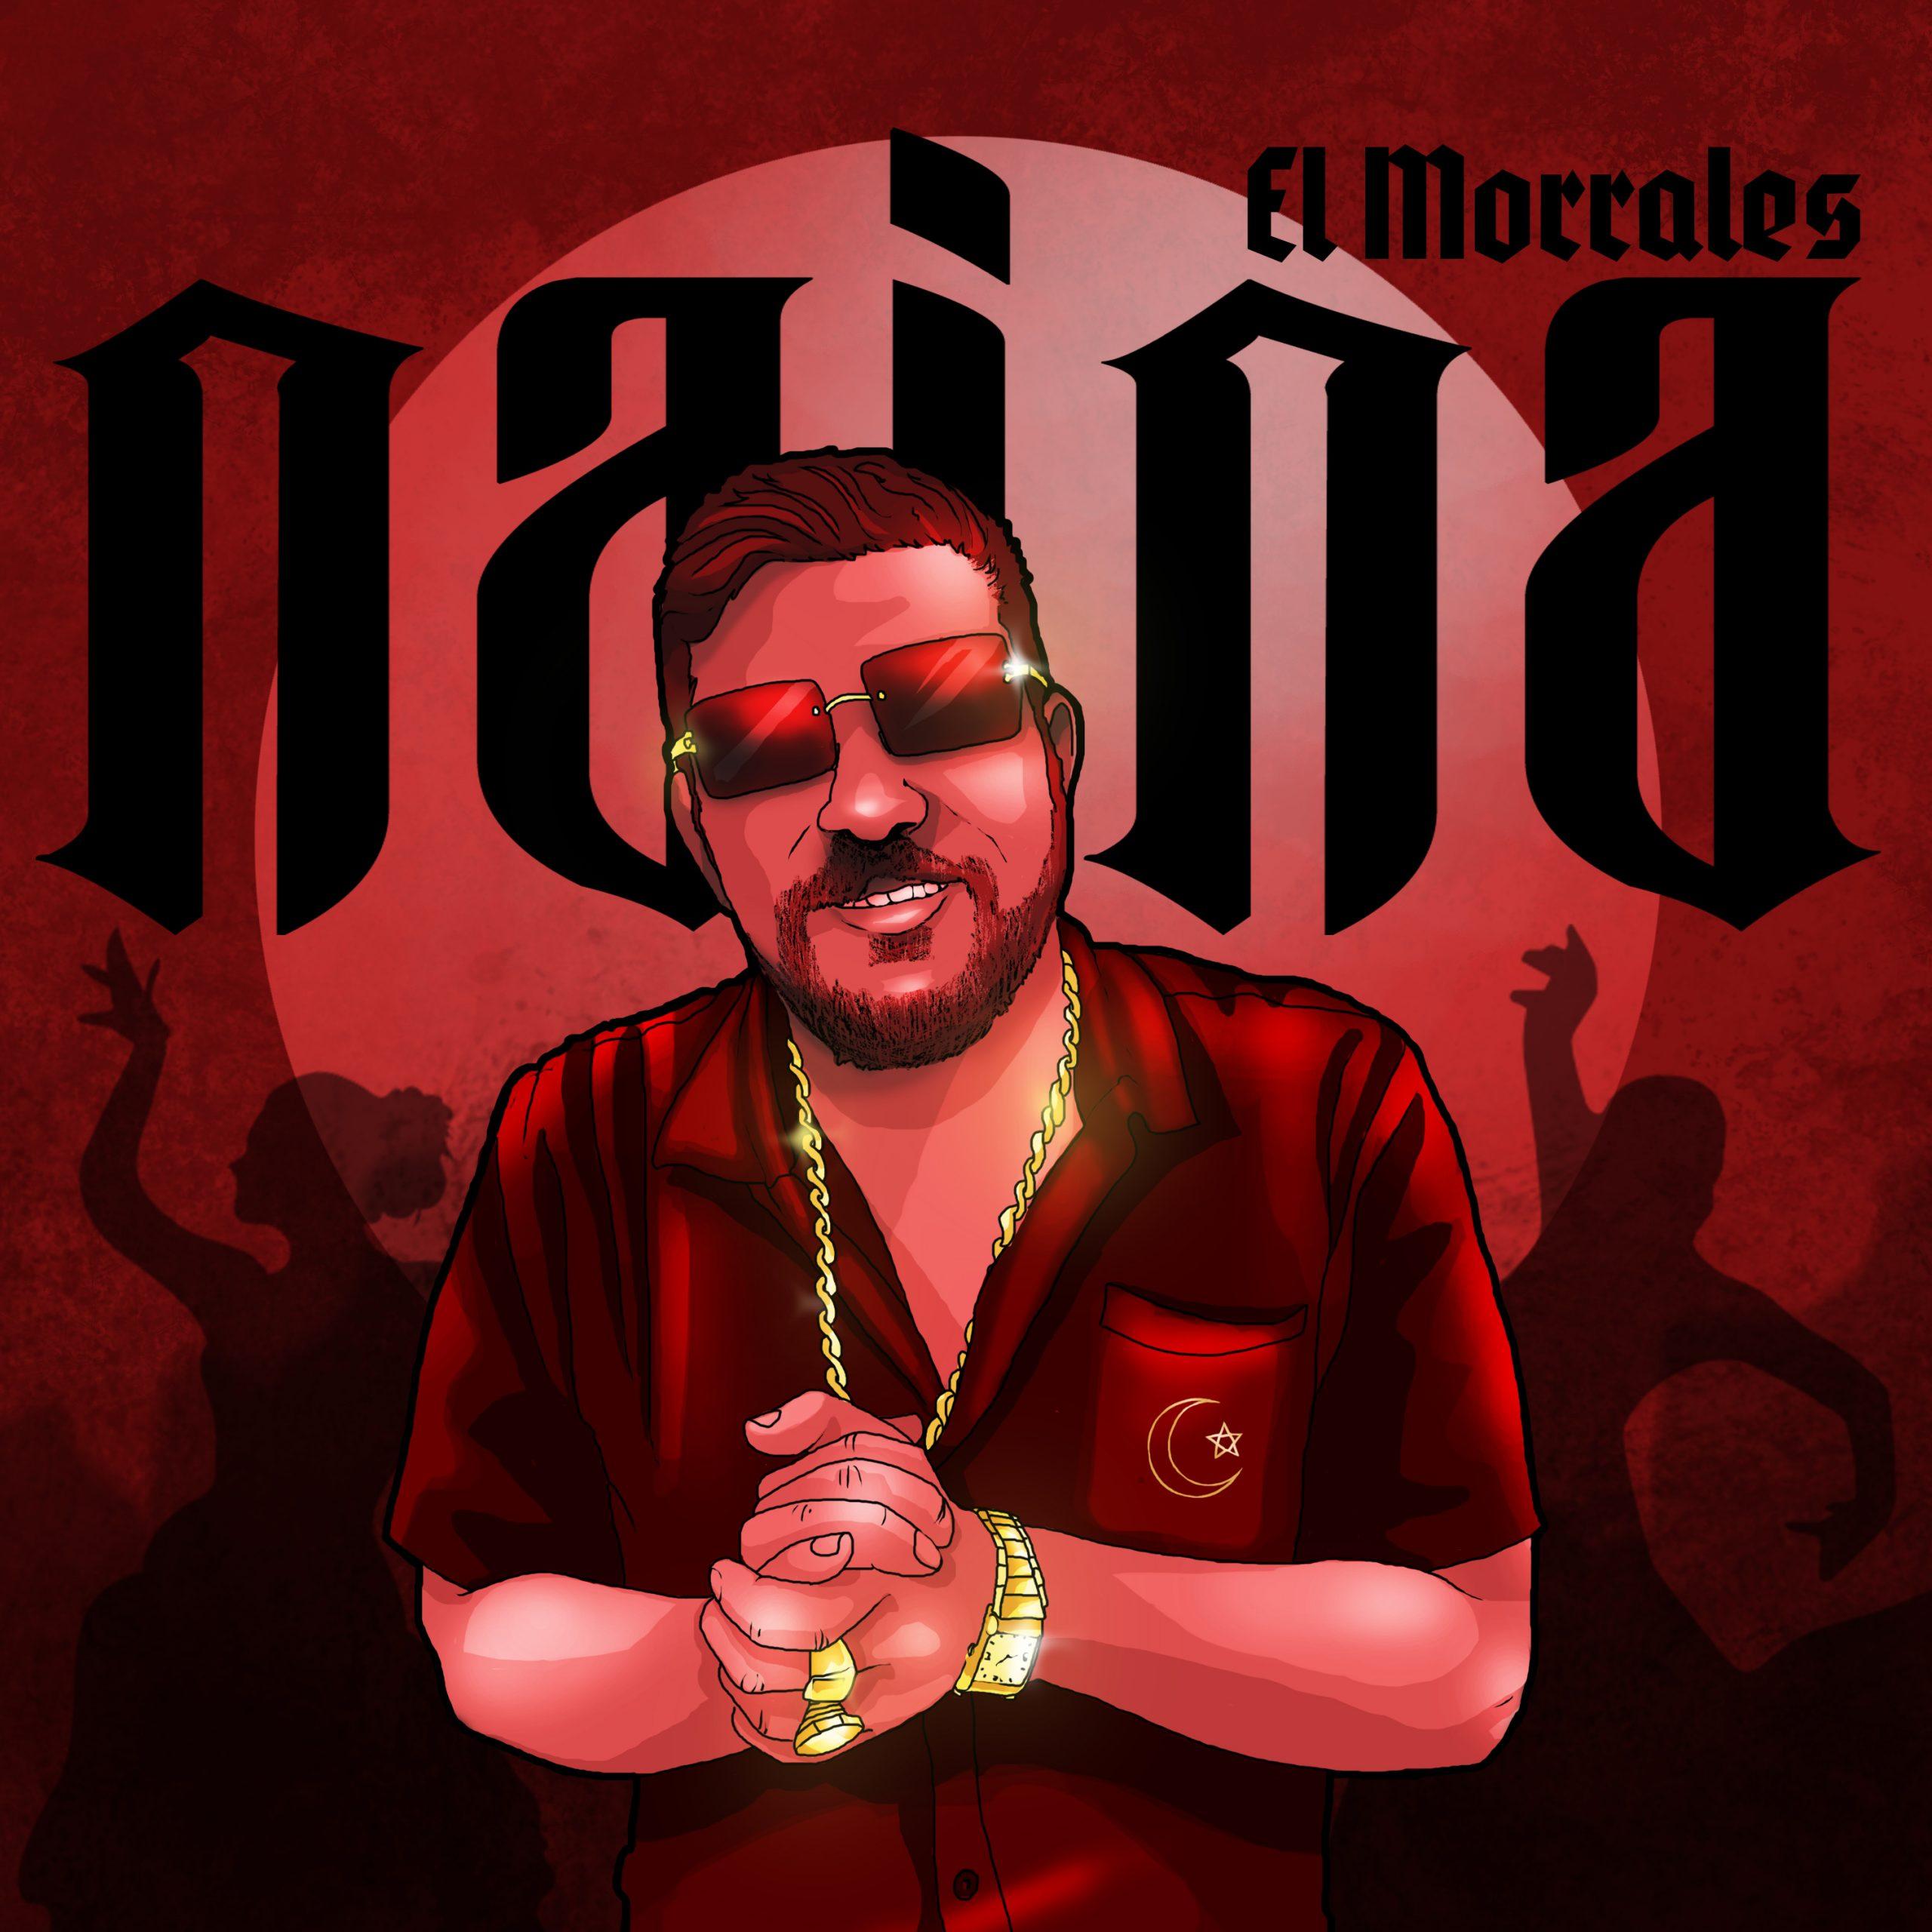 El Morrales - Naina (Single)